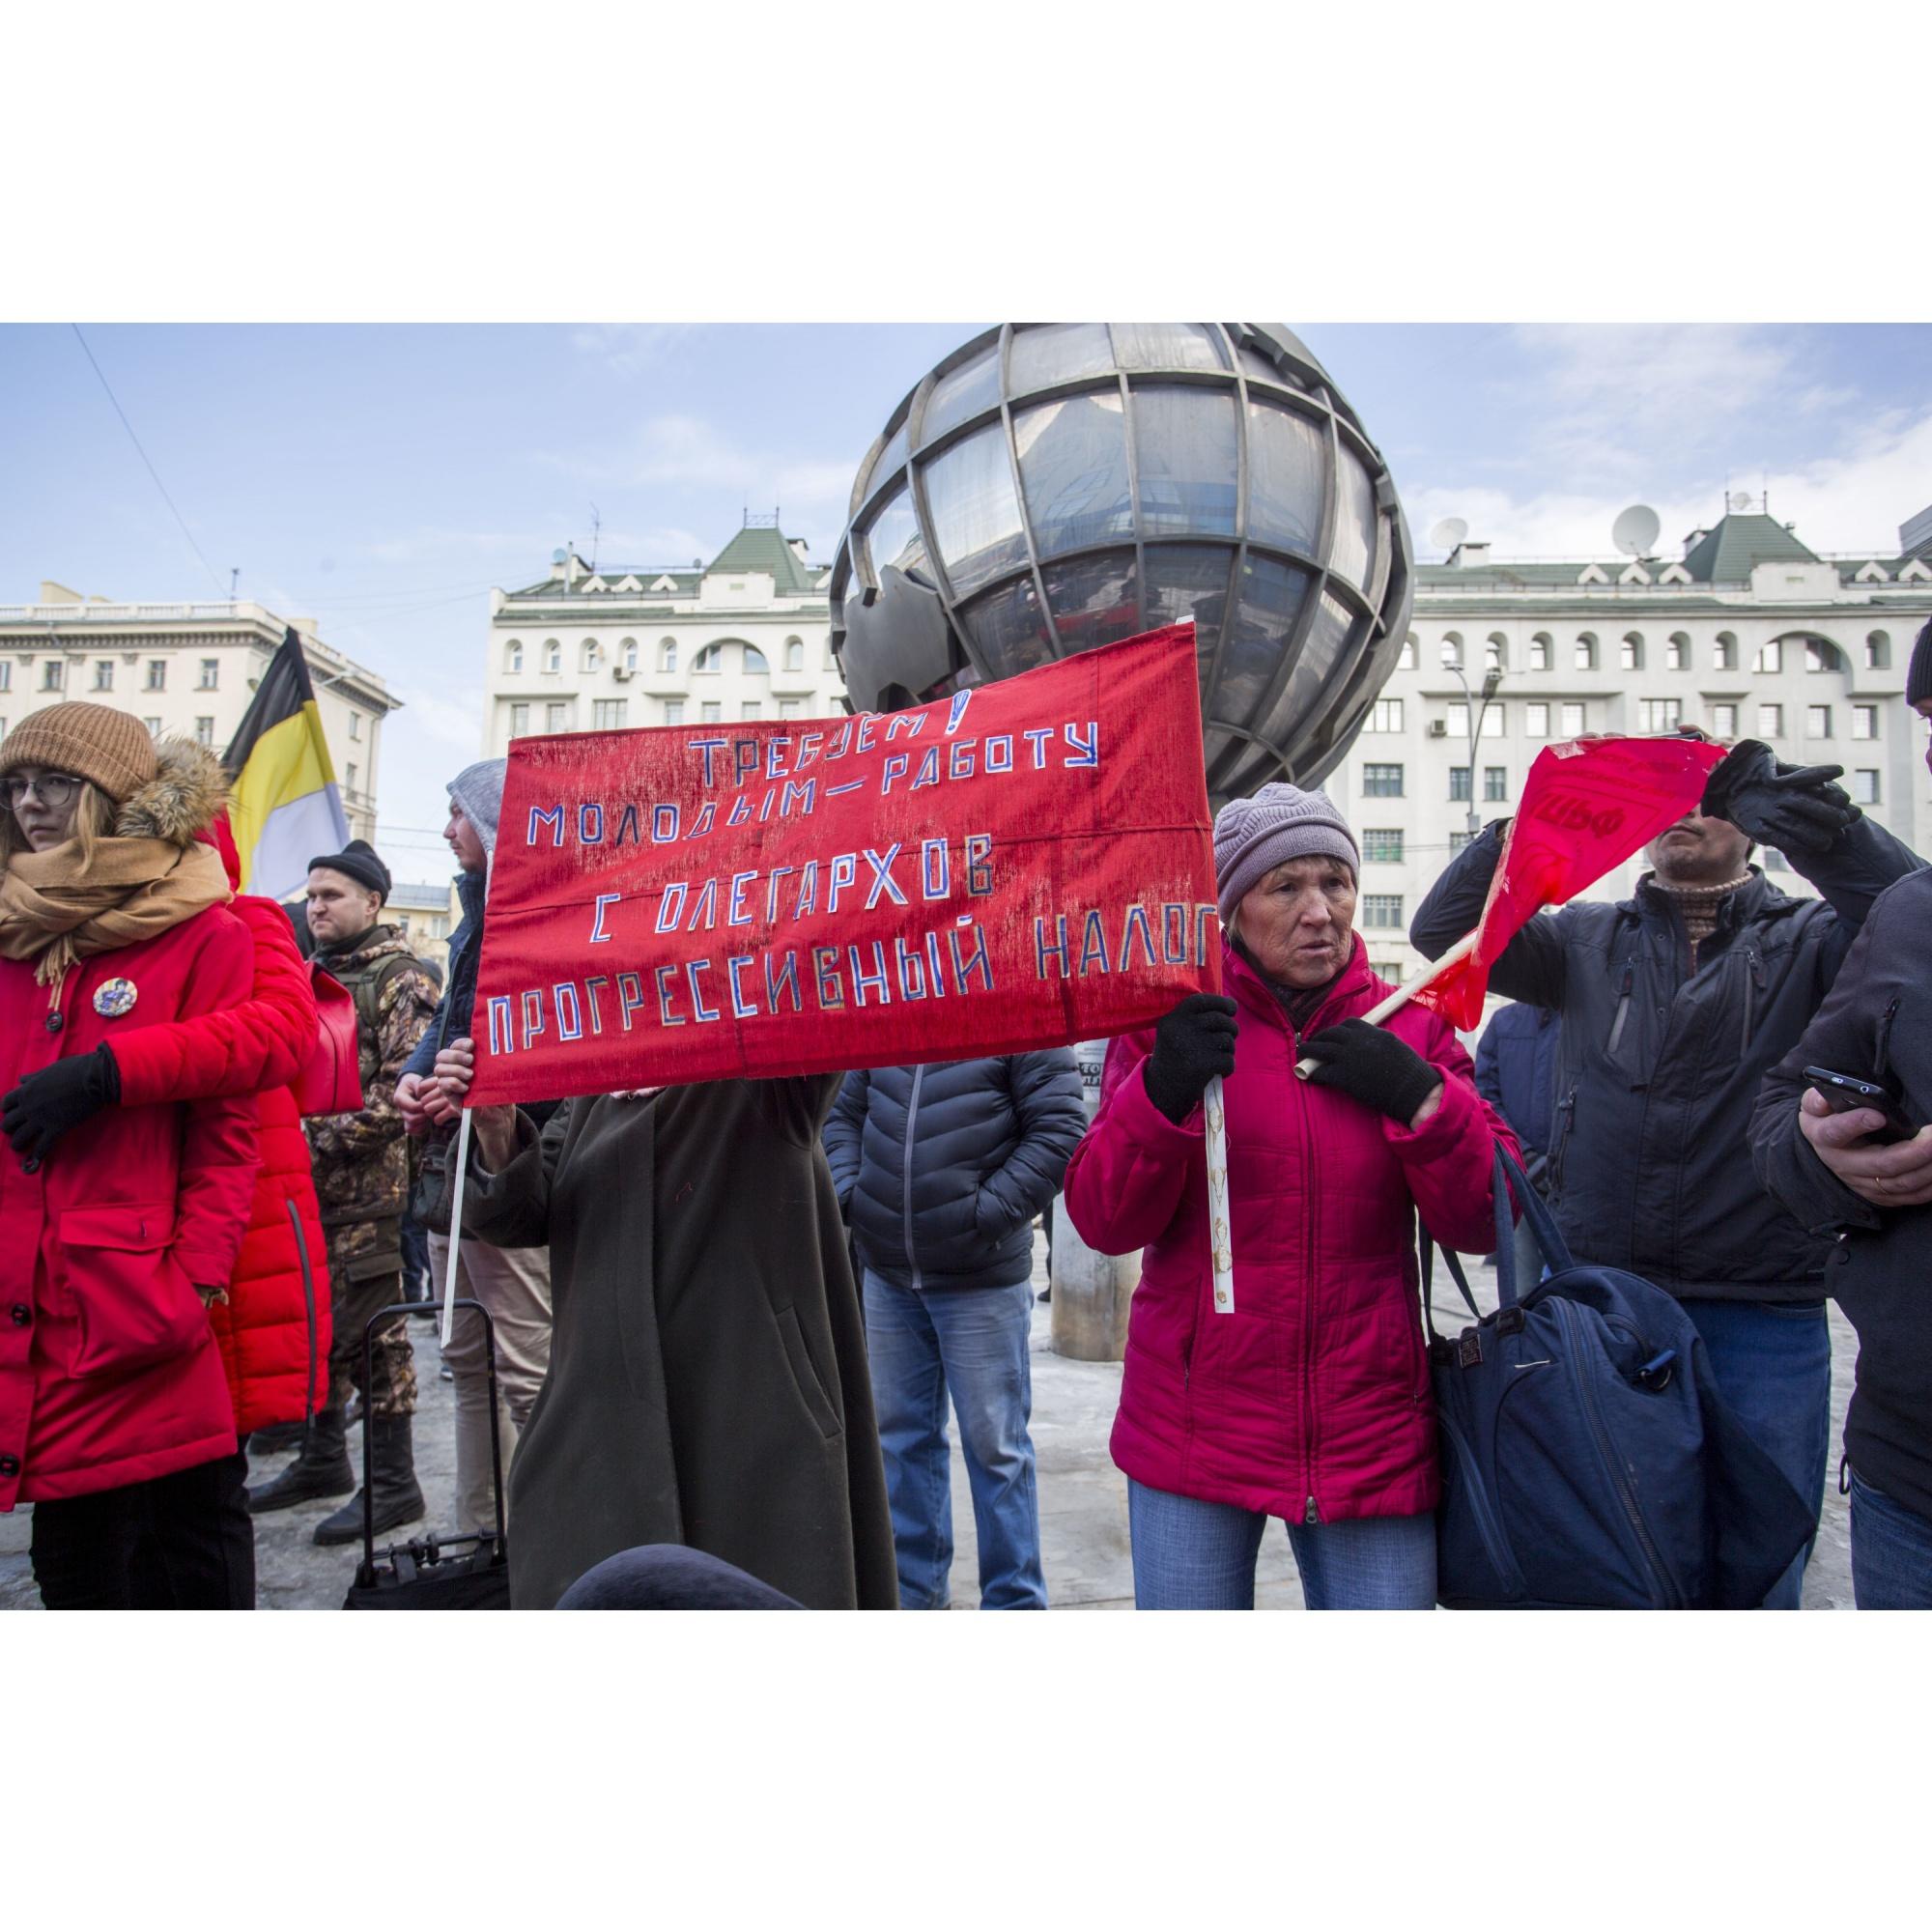 Участники митинга потребовали справедливого налогообложения